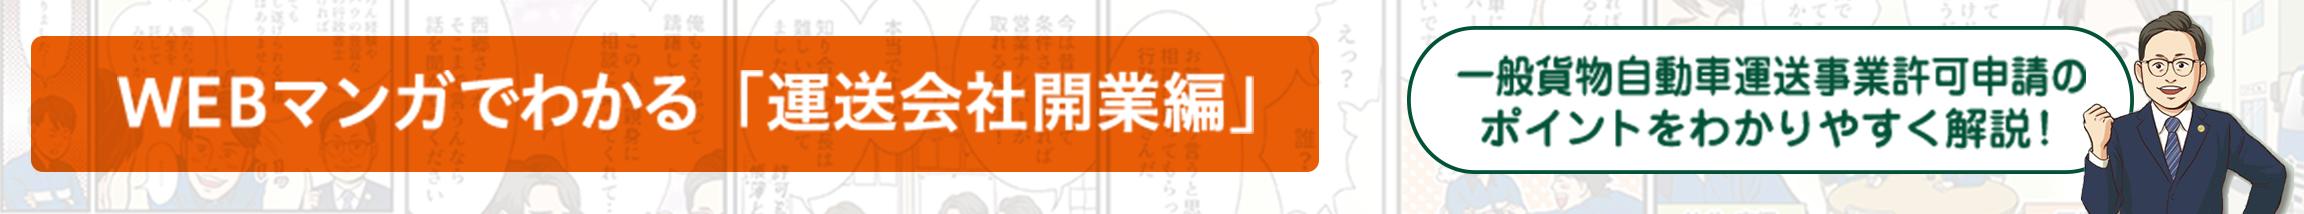 WEBマンガでわかる「運送会社開業編」